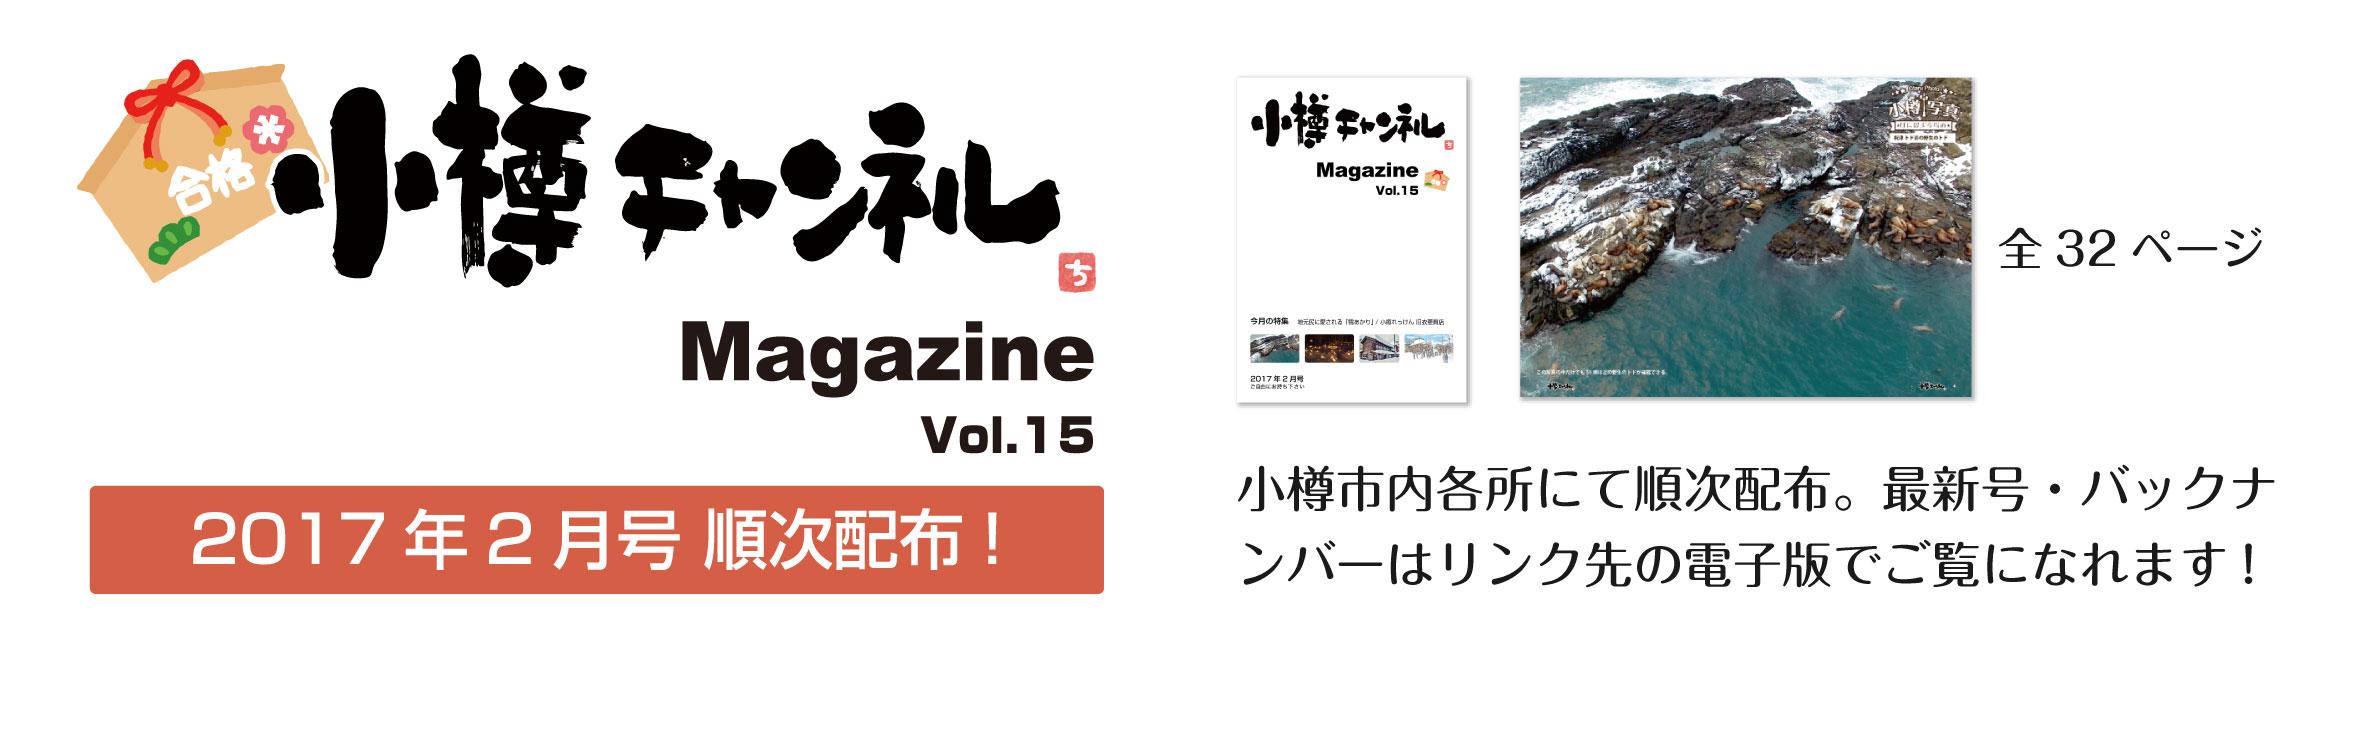 小樽チャンネルマガジン2017年2月号WEB_3